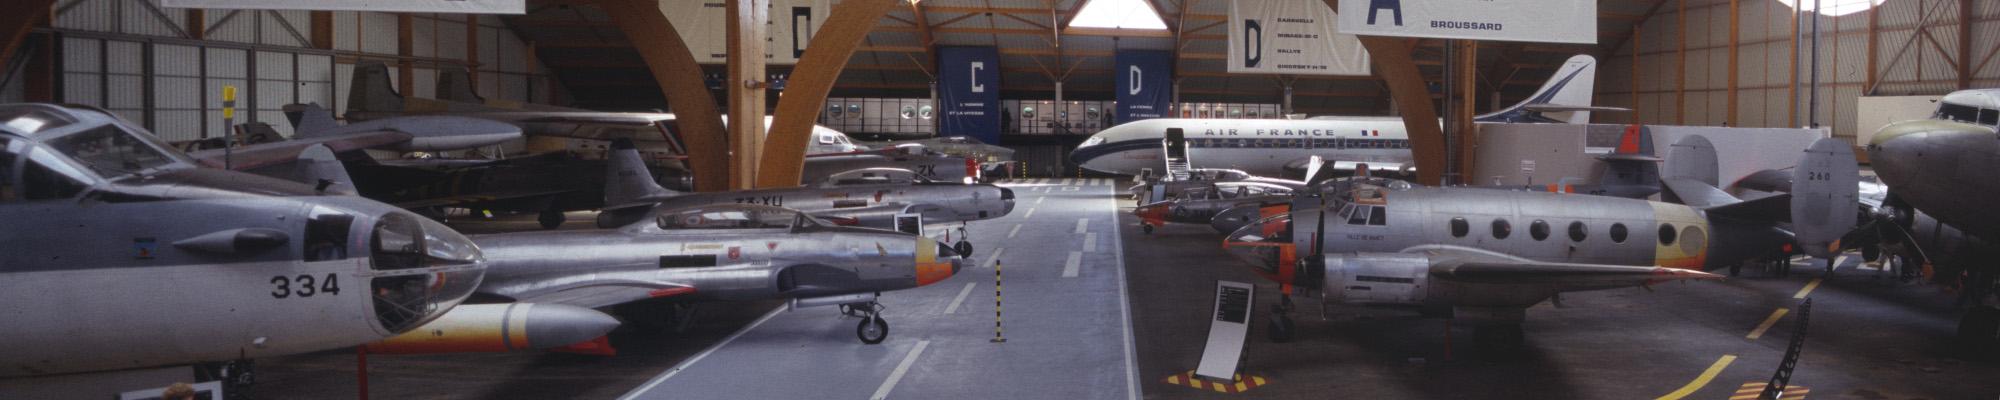 Musée de l'Aéronautique Nancy-Essey